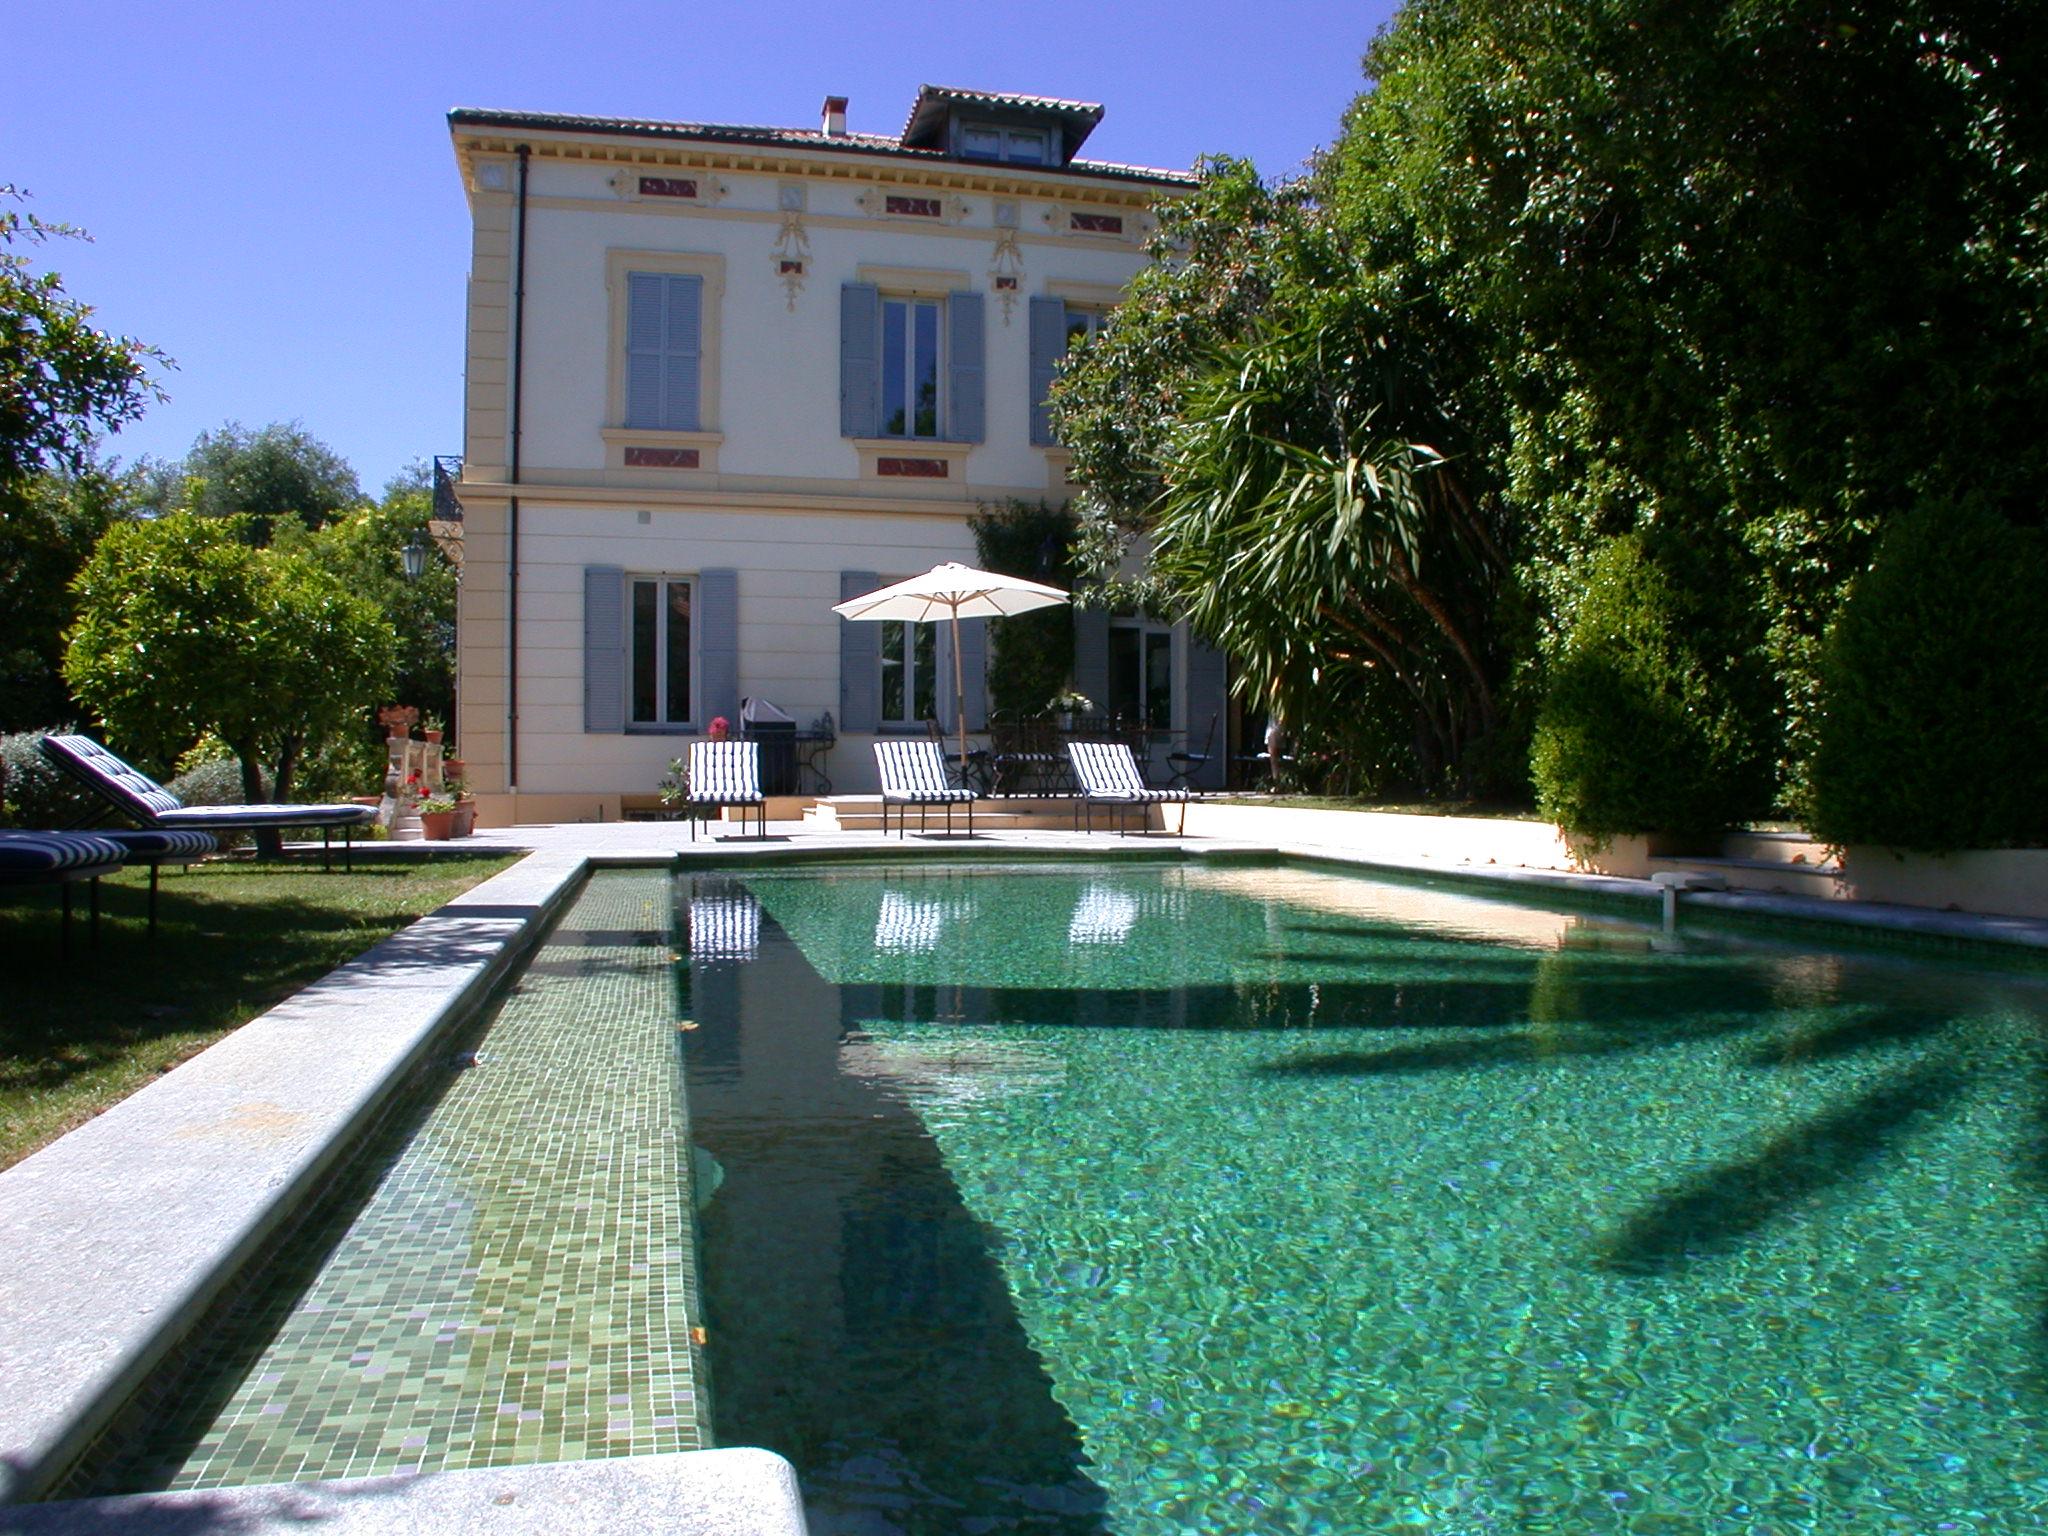 Pool and garden villa nembrini for Anda garden pool villas